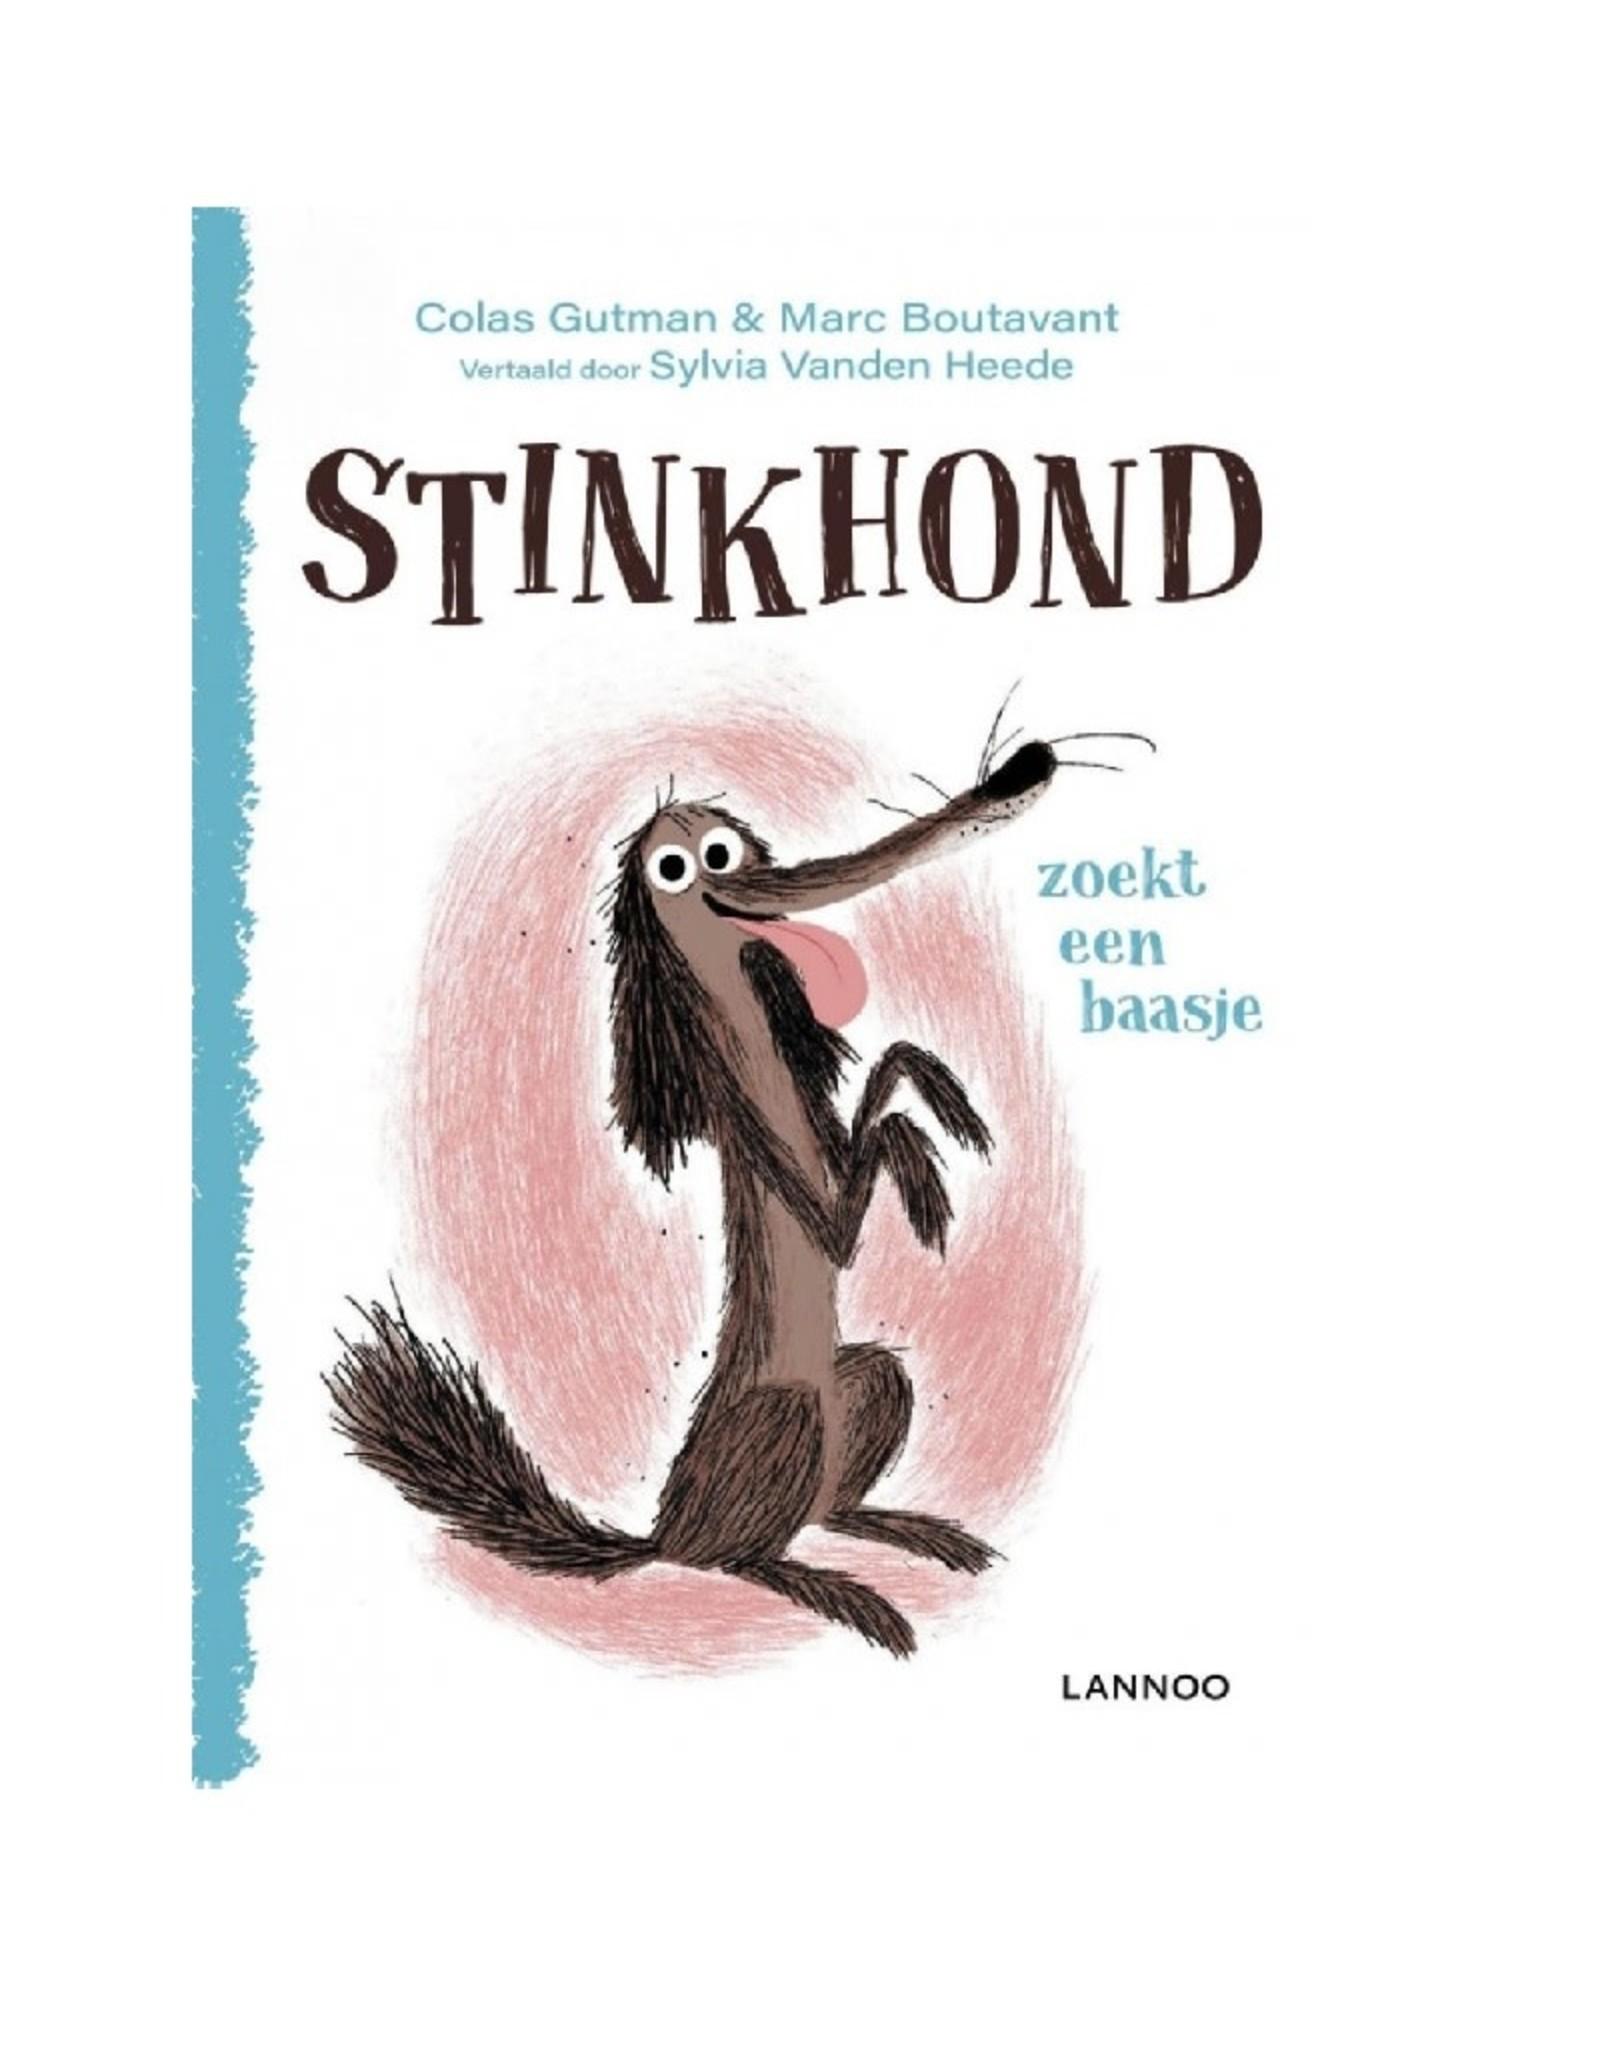 Terra-Lannoo Stinkhond zoekt een baasje